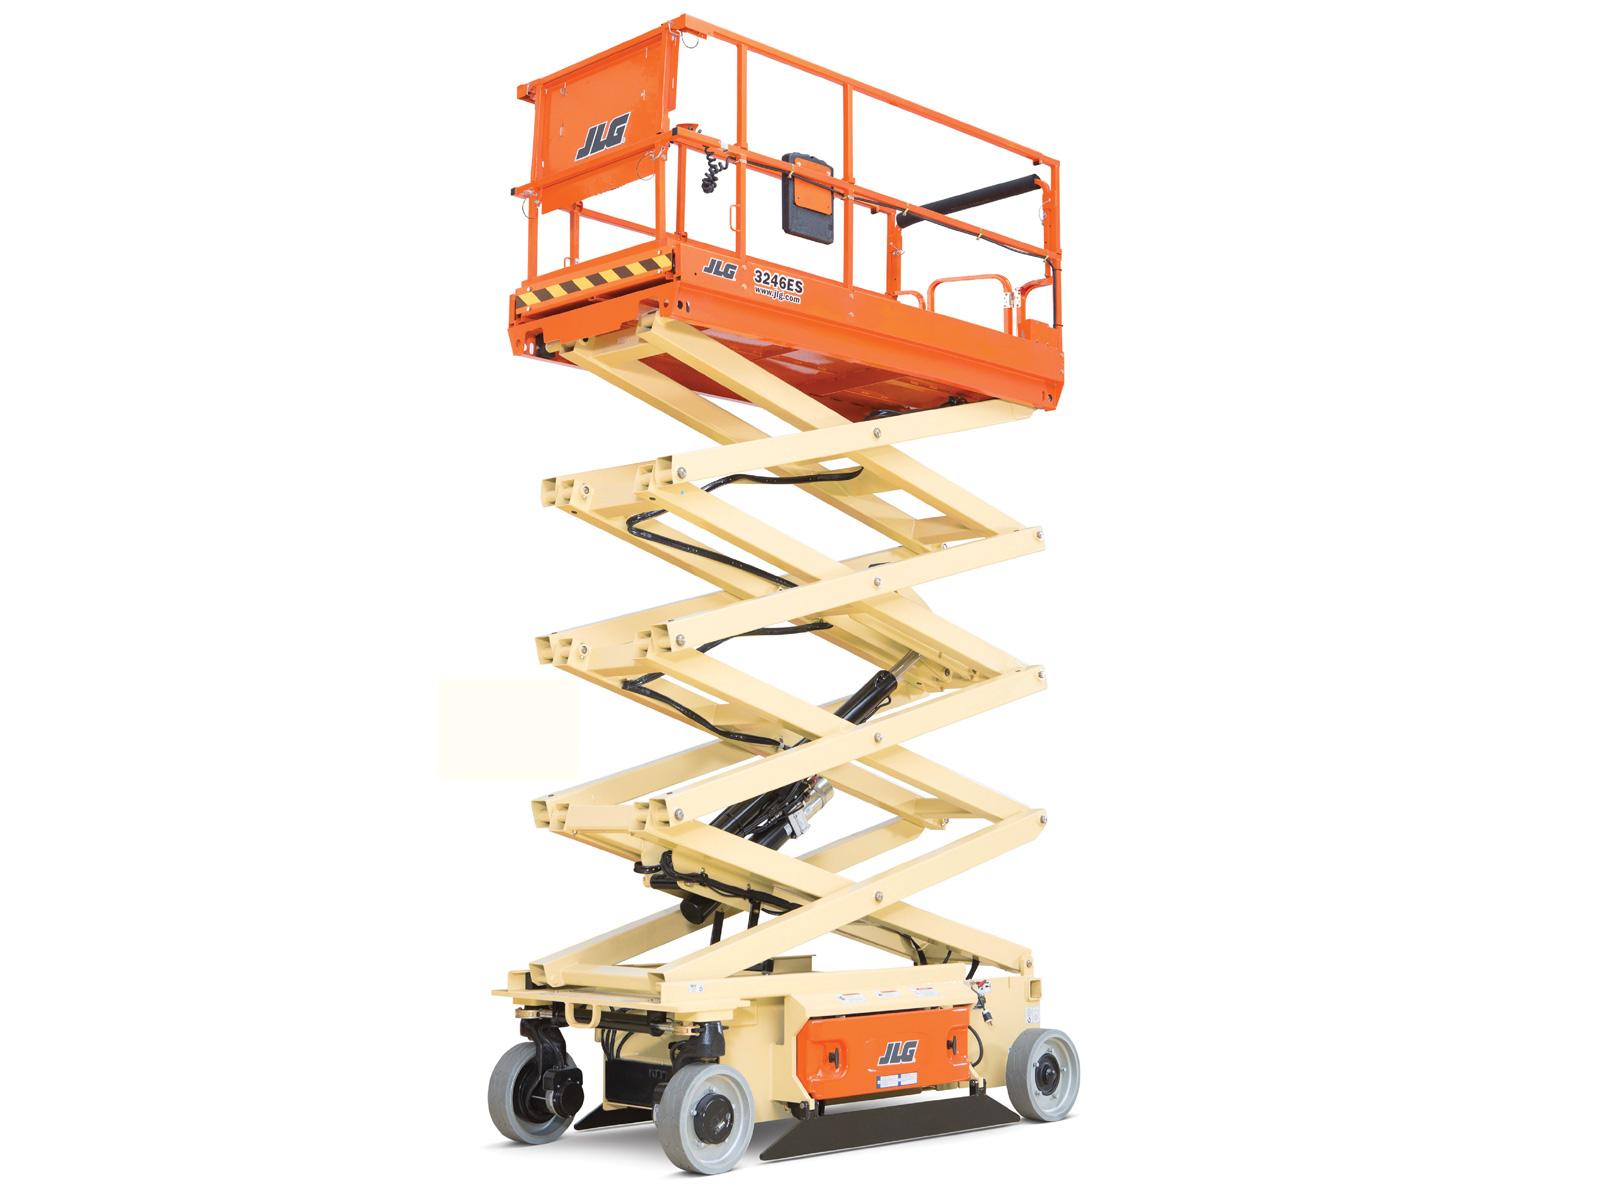 3246es electric scissor lift jlg rh jlg com